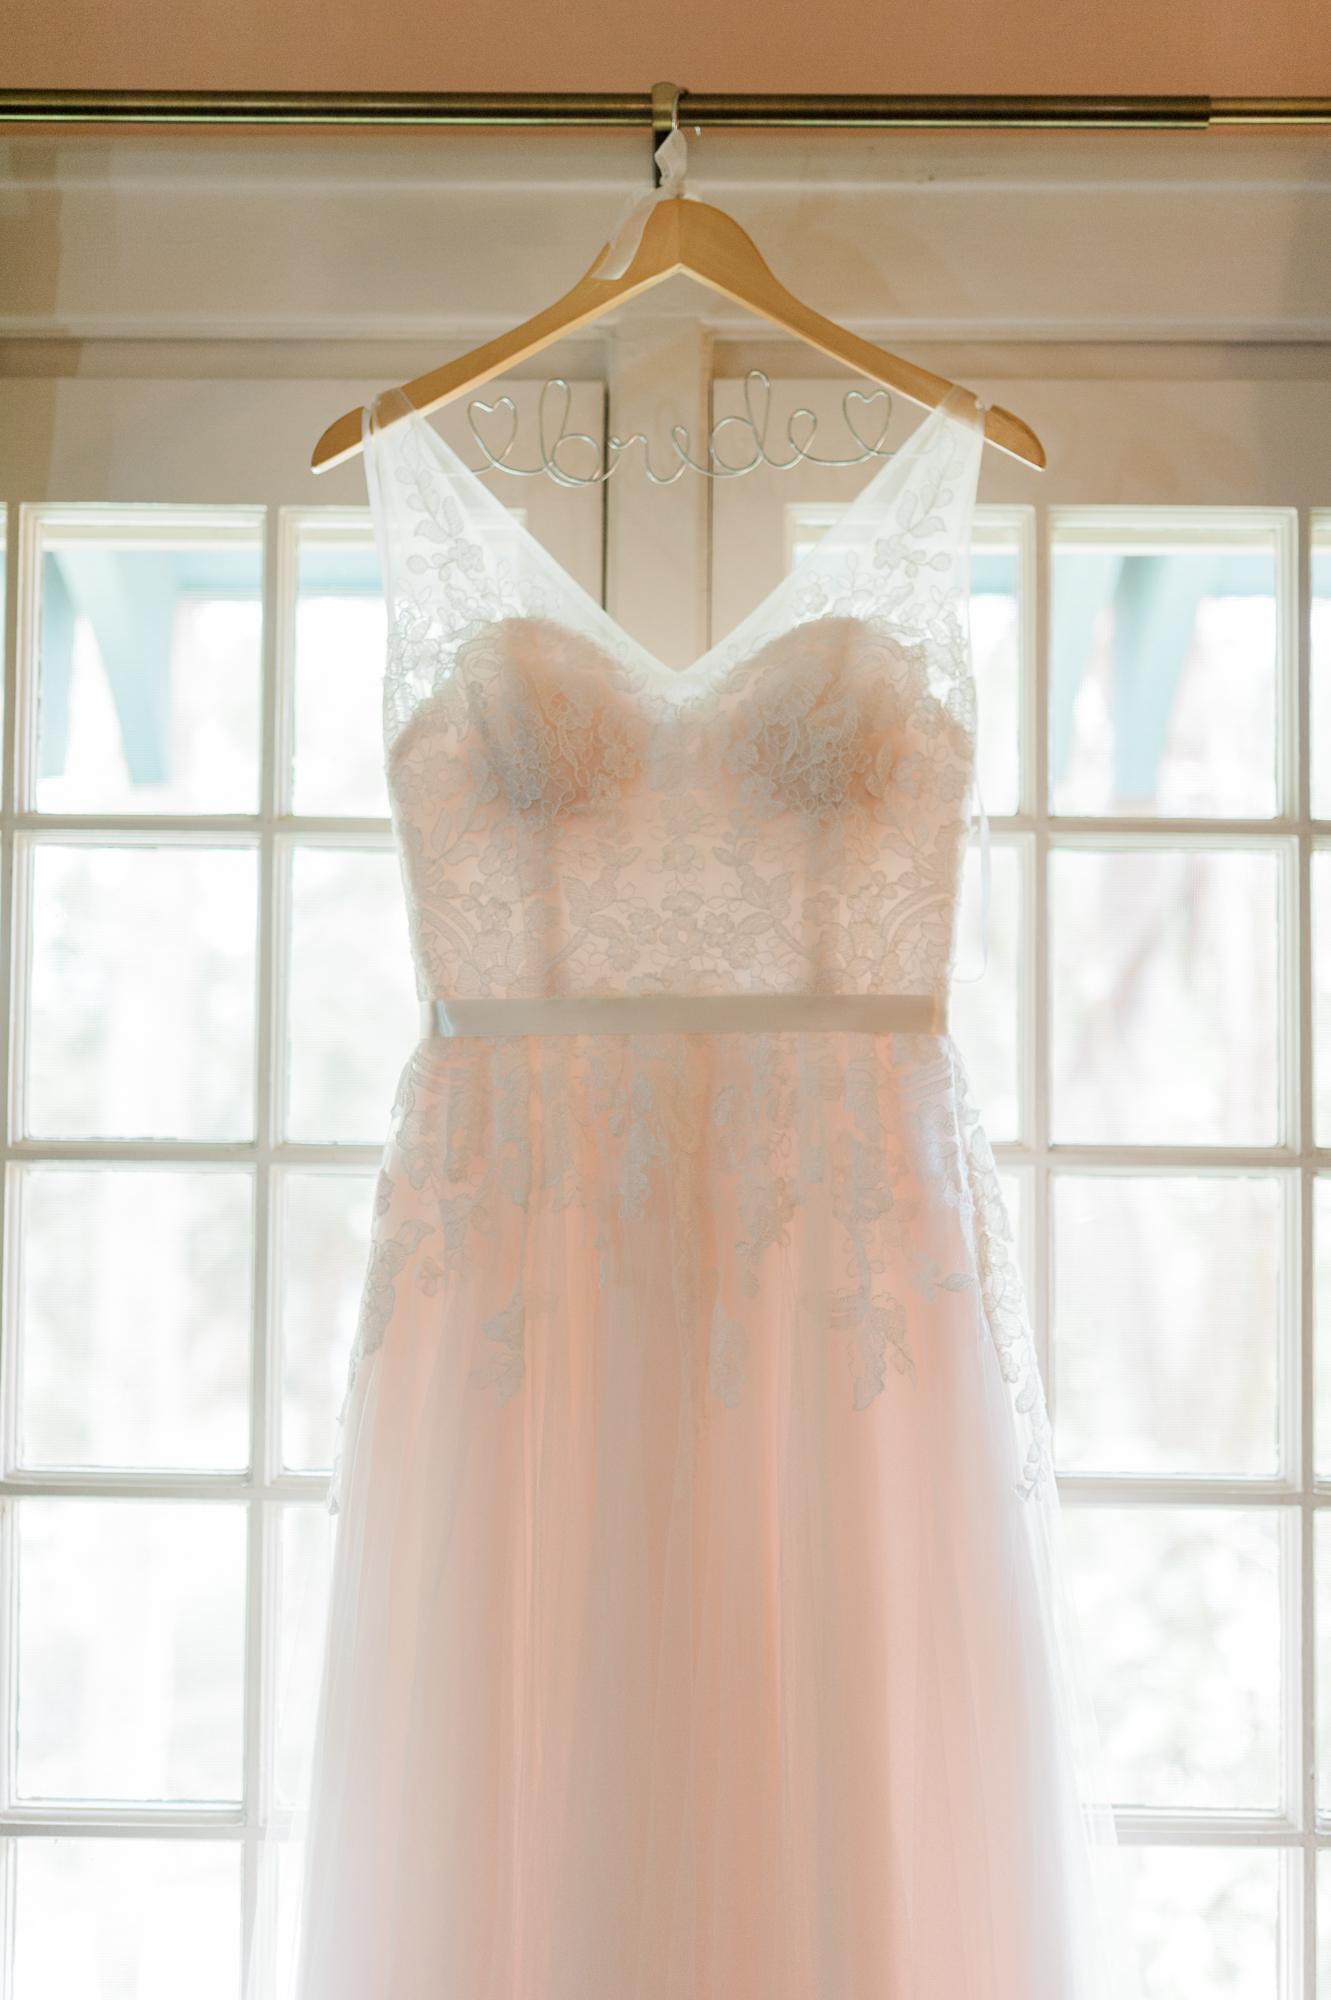 sydonie-mansion-mount-dora-orlando-fl-wedding-photos-dress-gown